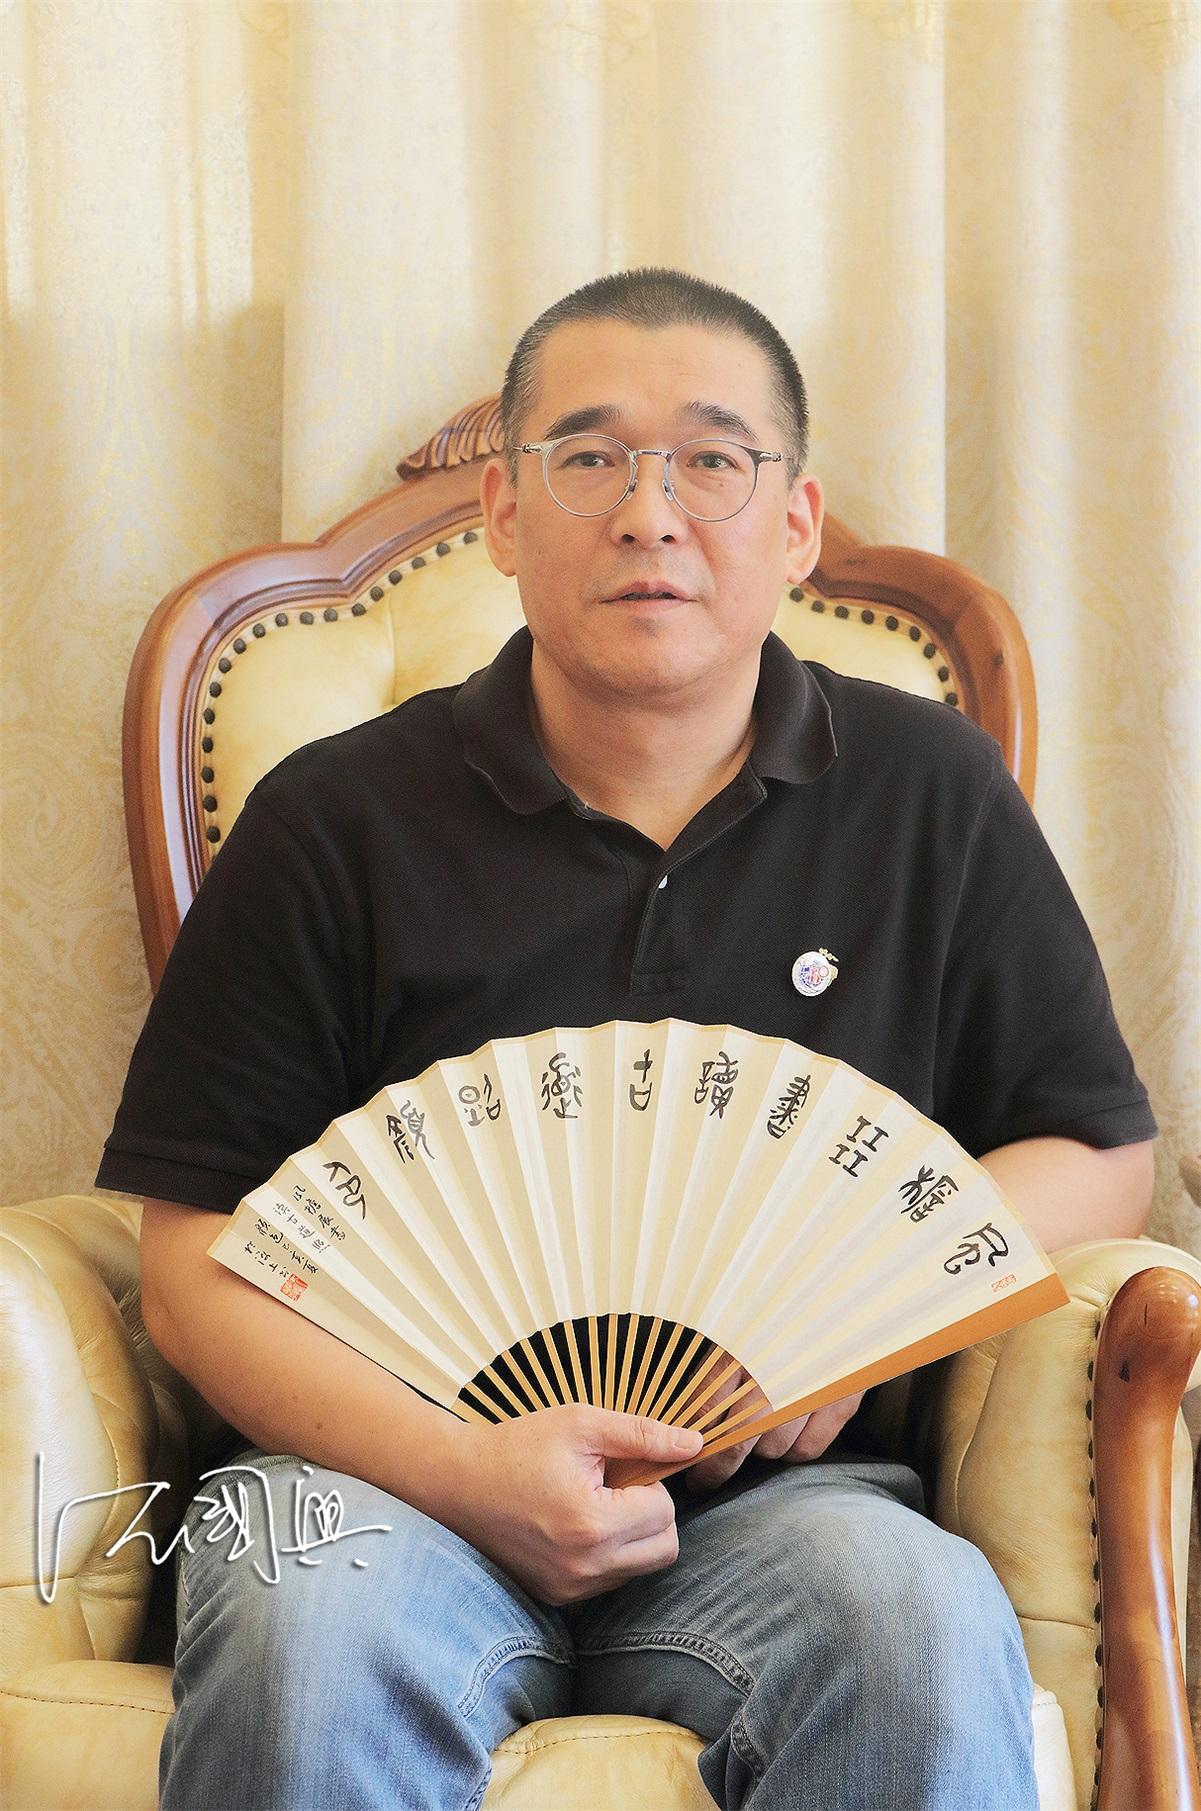 沈国兴签名照副本2